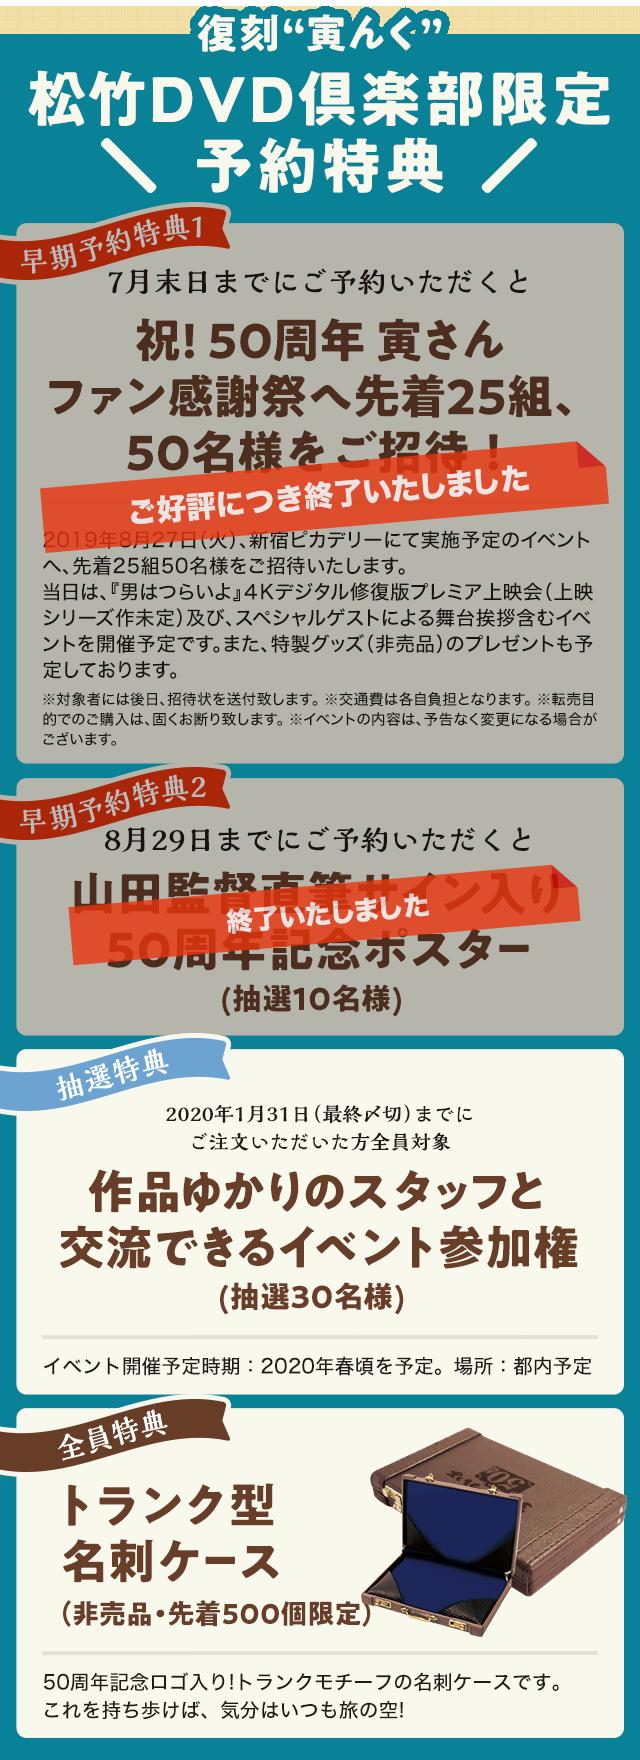 """復刻""""寅んく"""" 松竹DVD倶楽部限定 予約特典"""